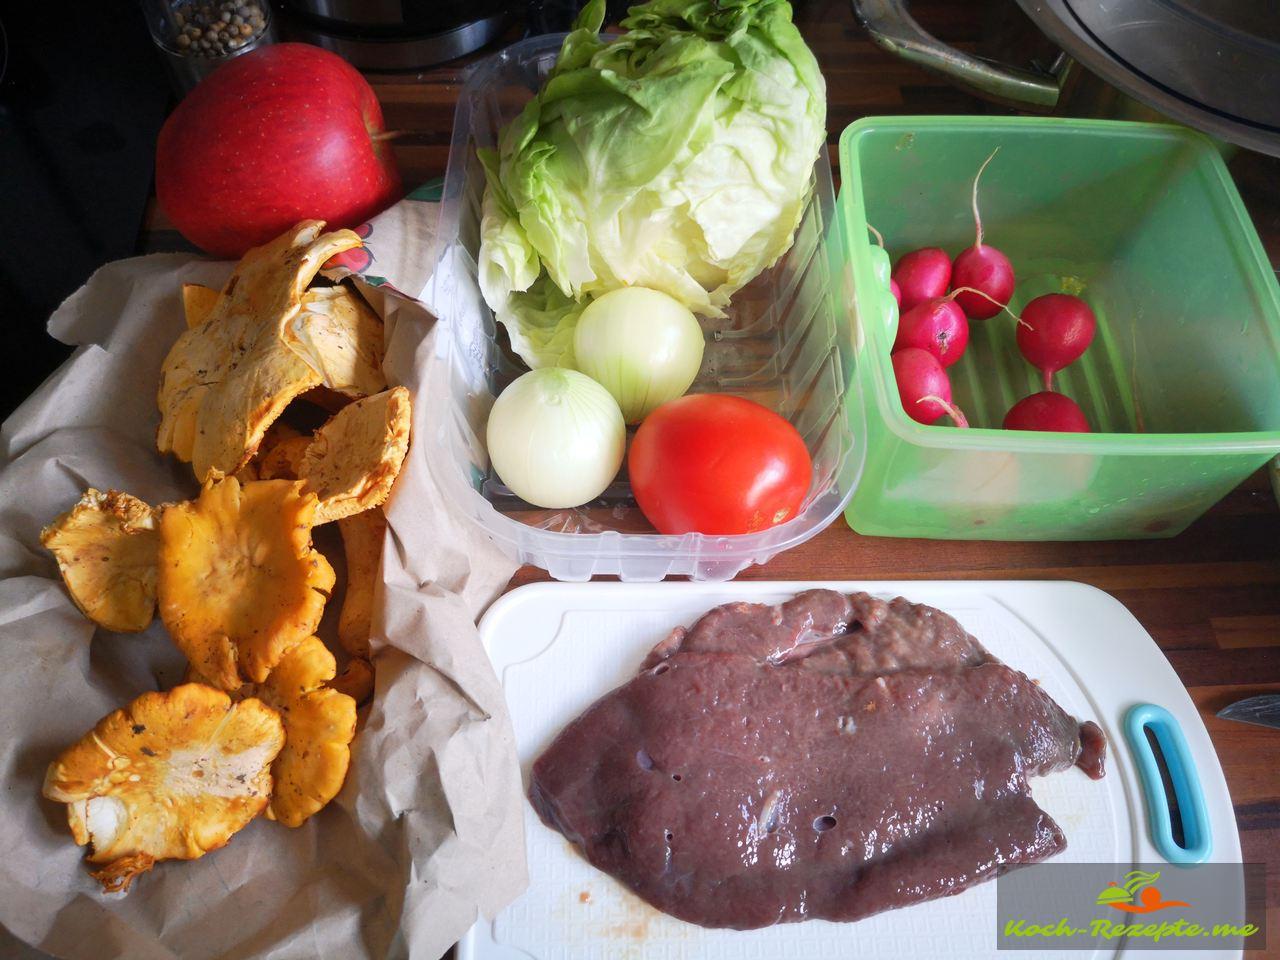 Zutaten für Kalbsleber mit Pfifferlingen, Rotweinsauce und Kartoffel-Apfel Stampf gemischten Salat